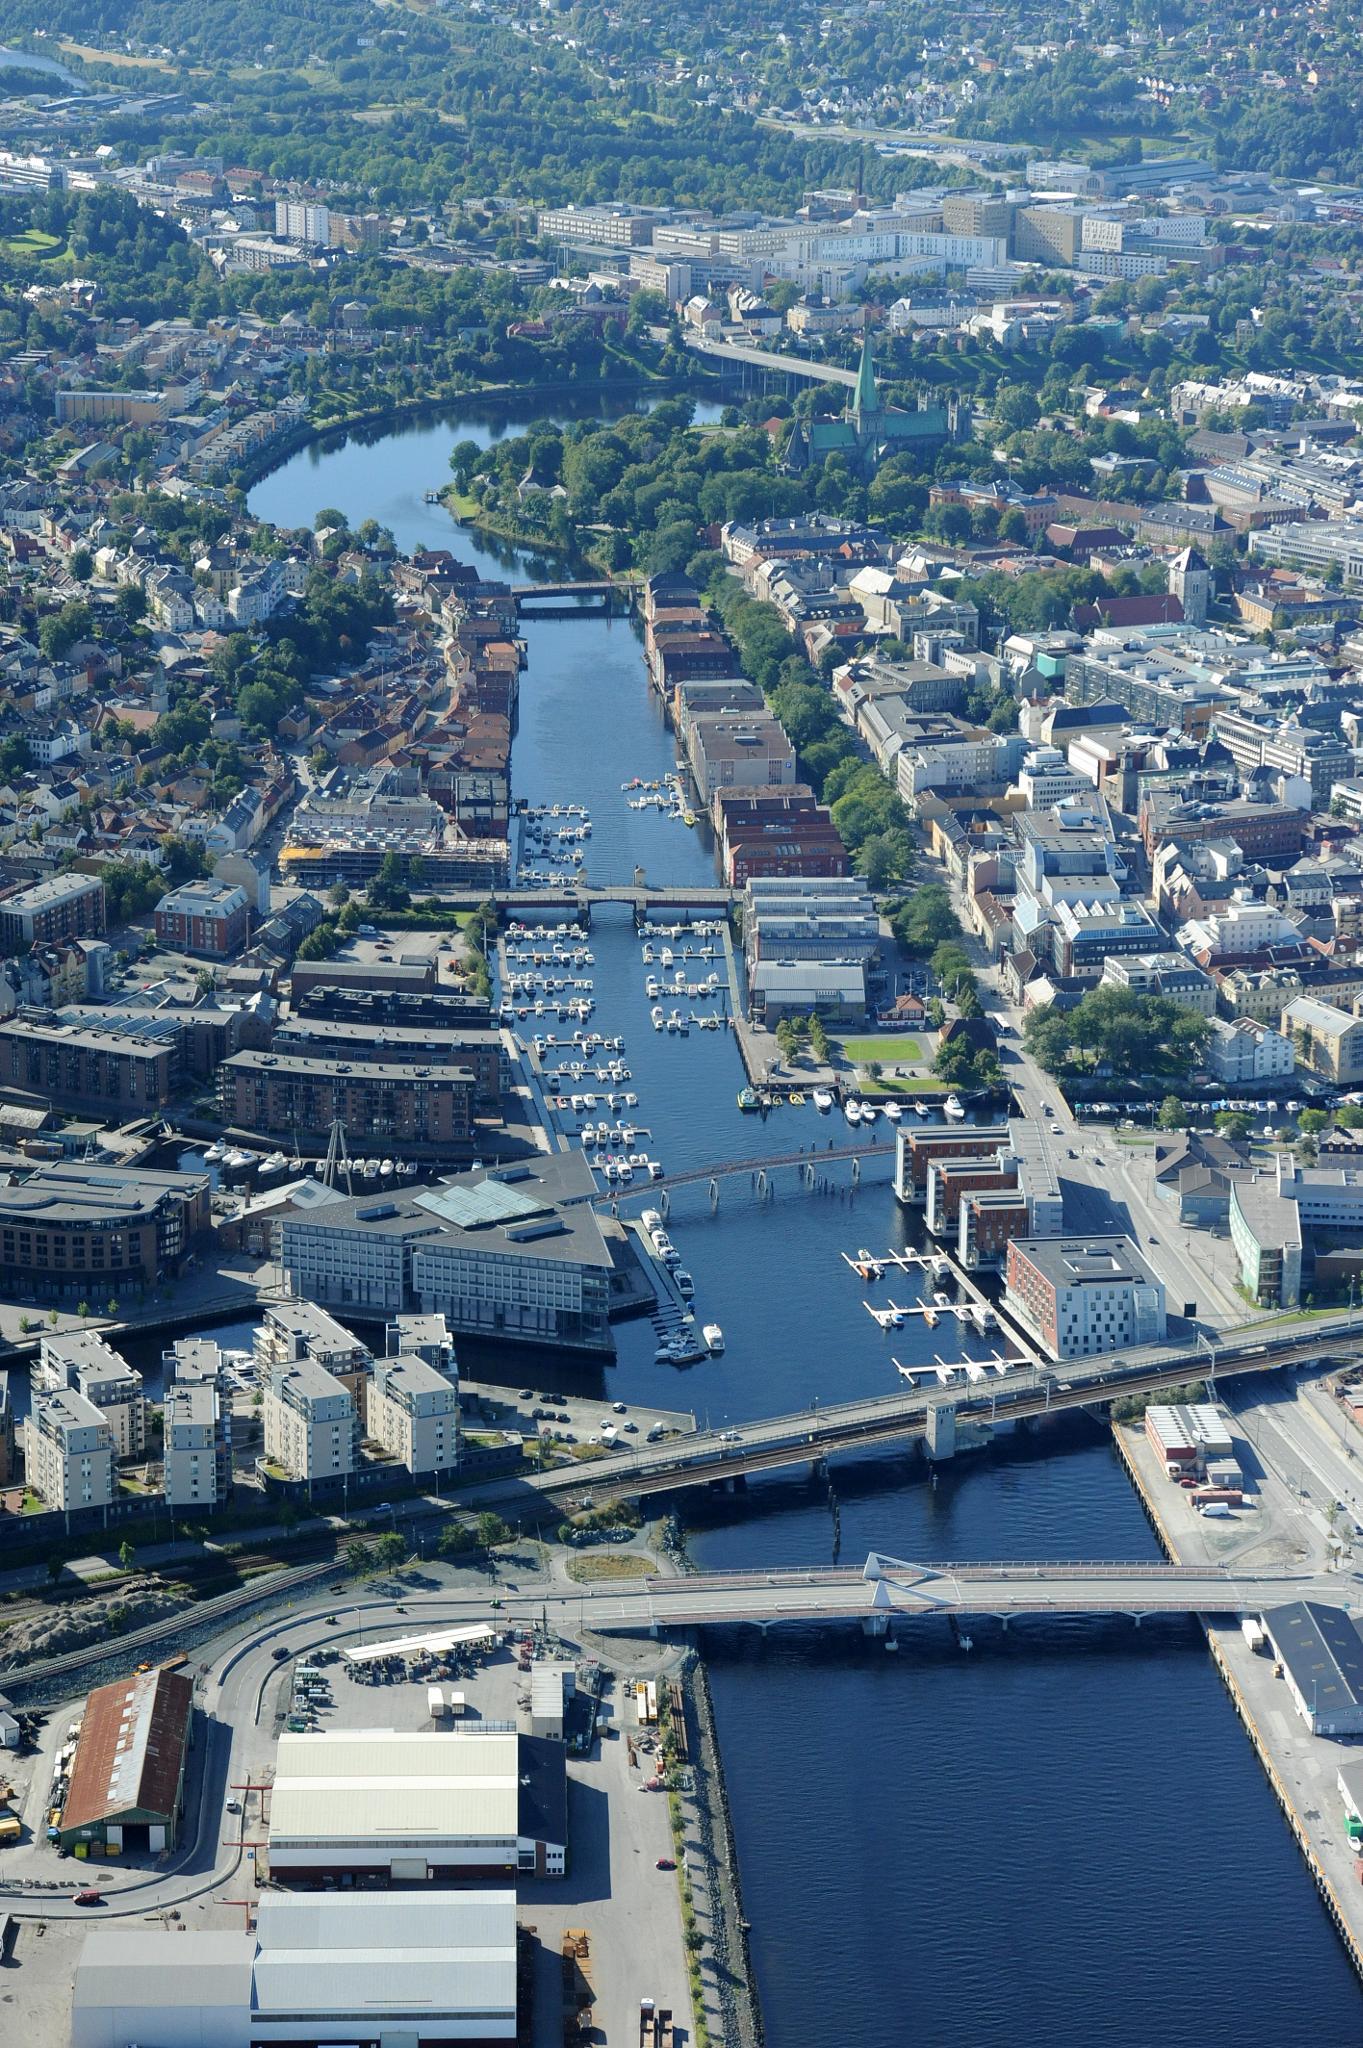 Trondheim, Norway by Lasse Tur